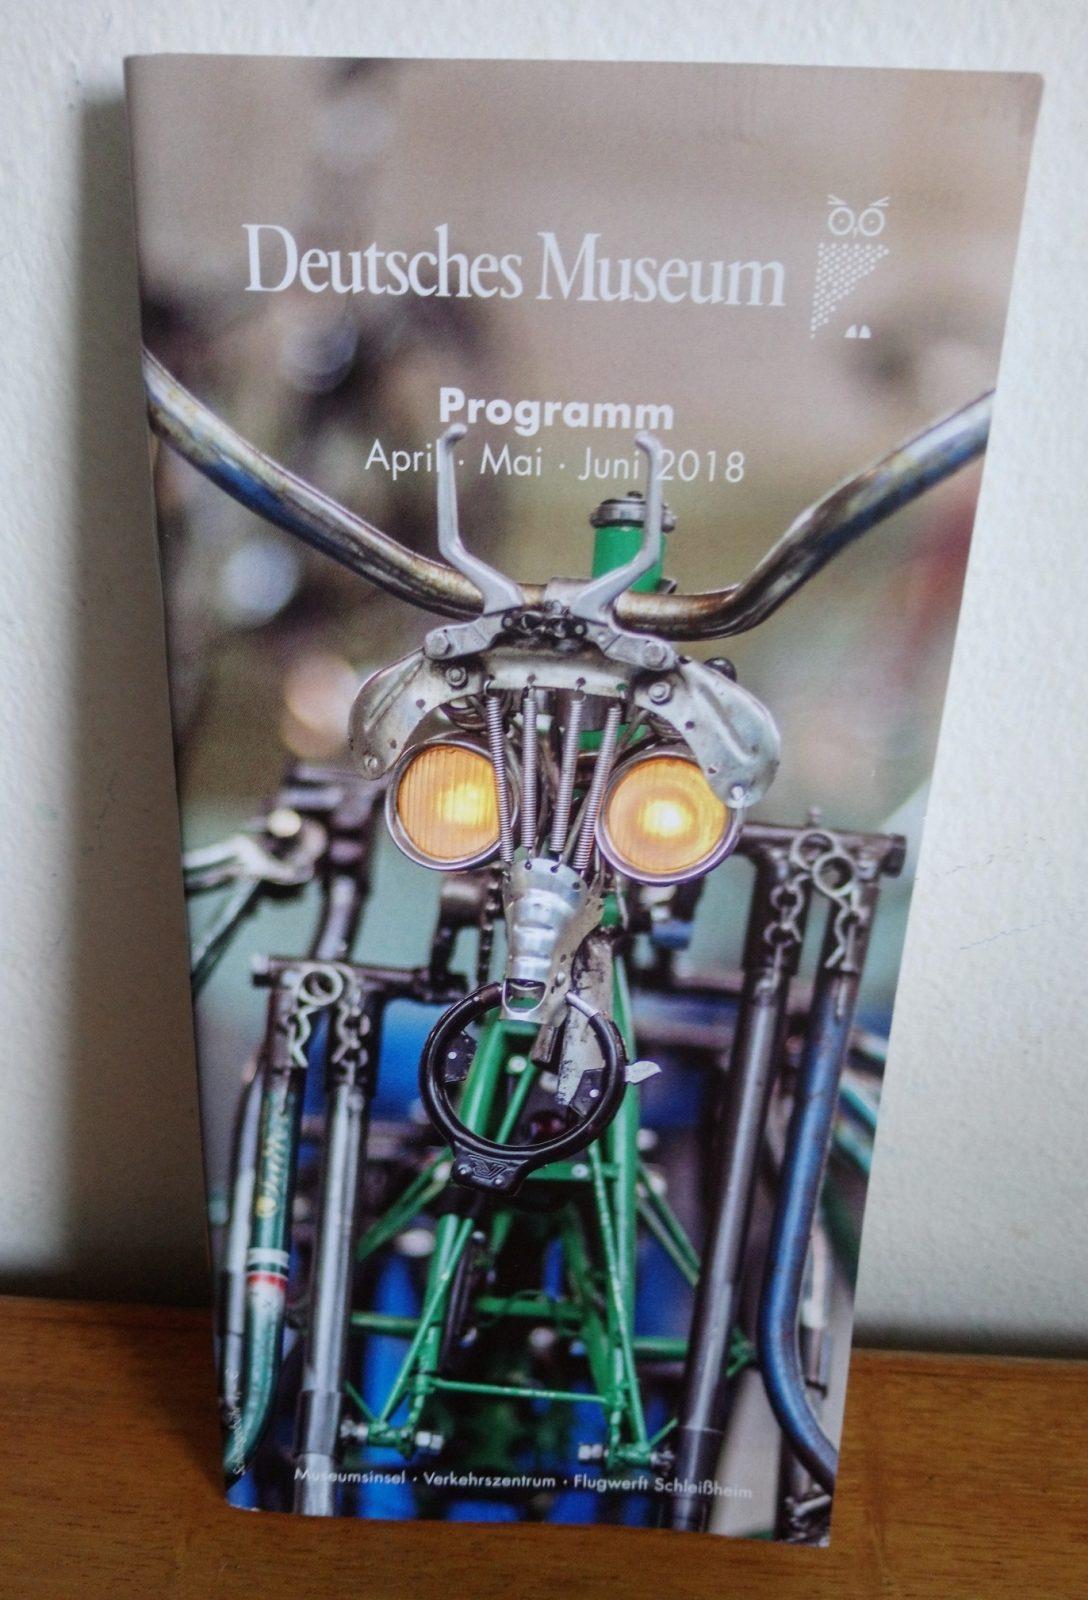 Armin_Nagel_foolpool_Servicepioniere_Programmheft_Deutsches_Museum